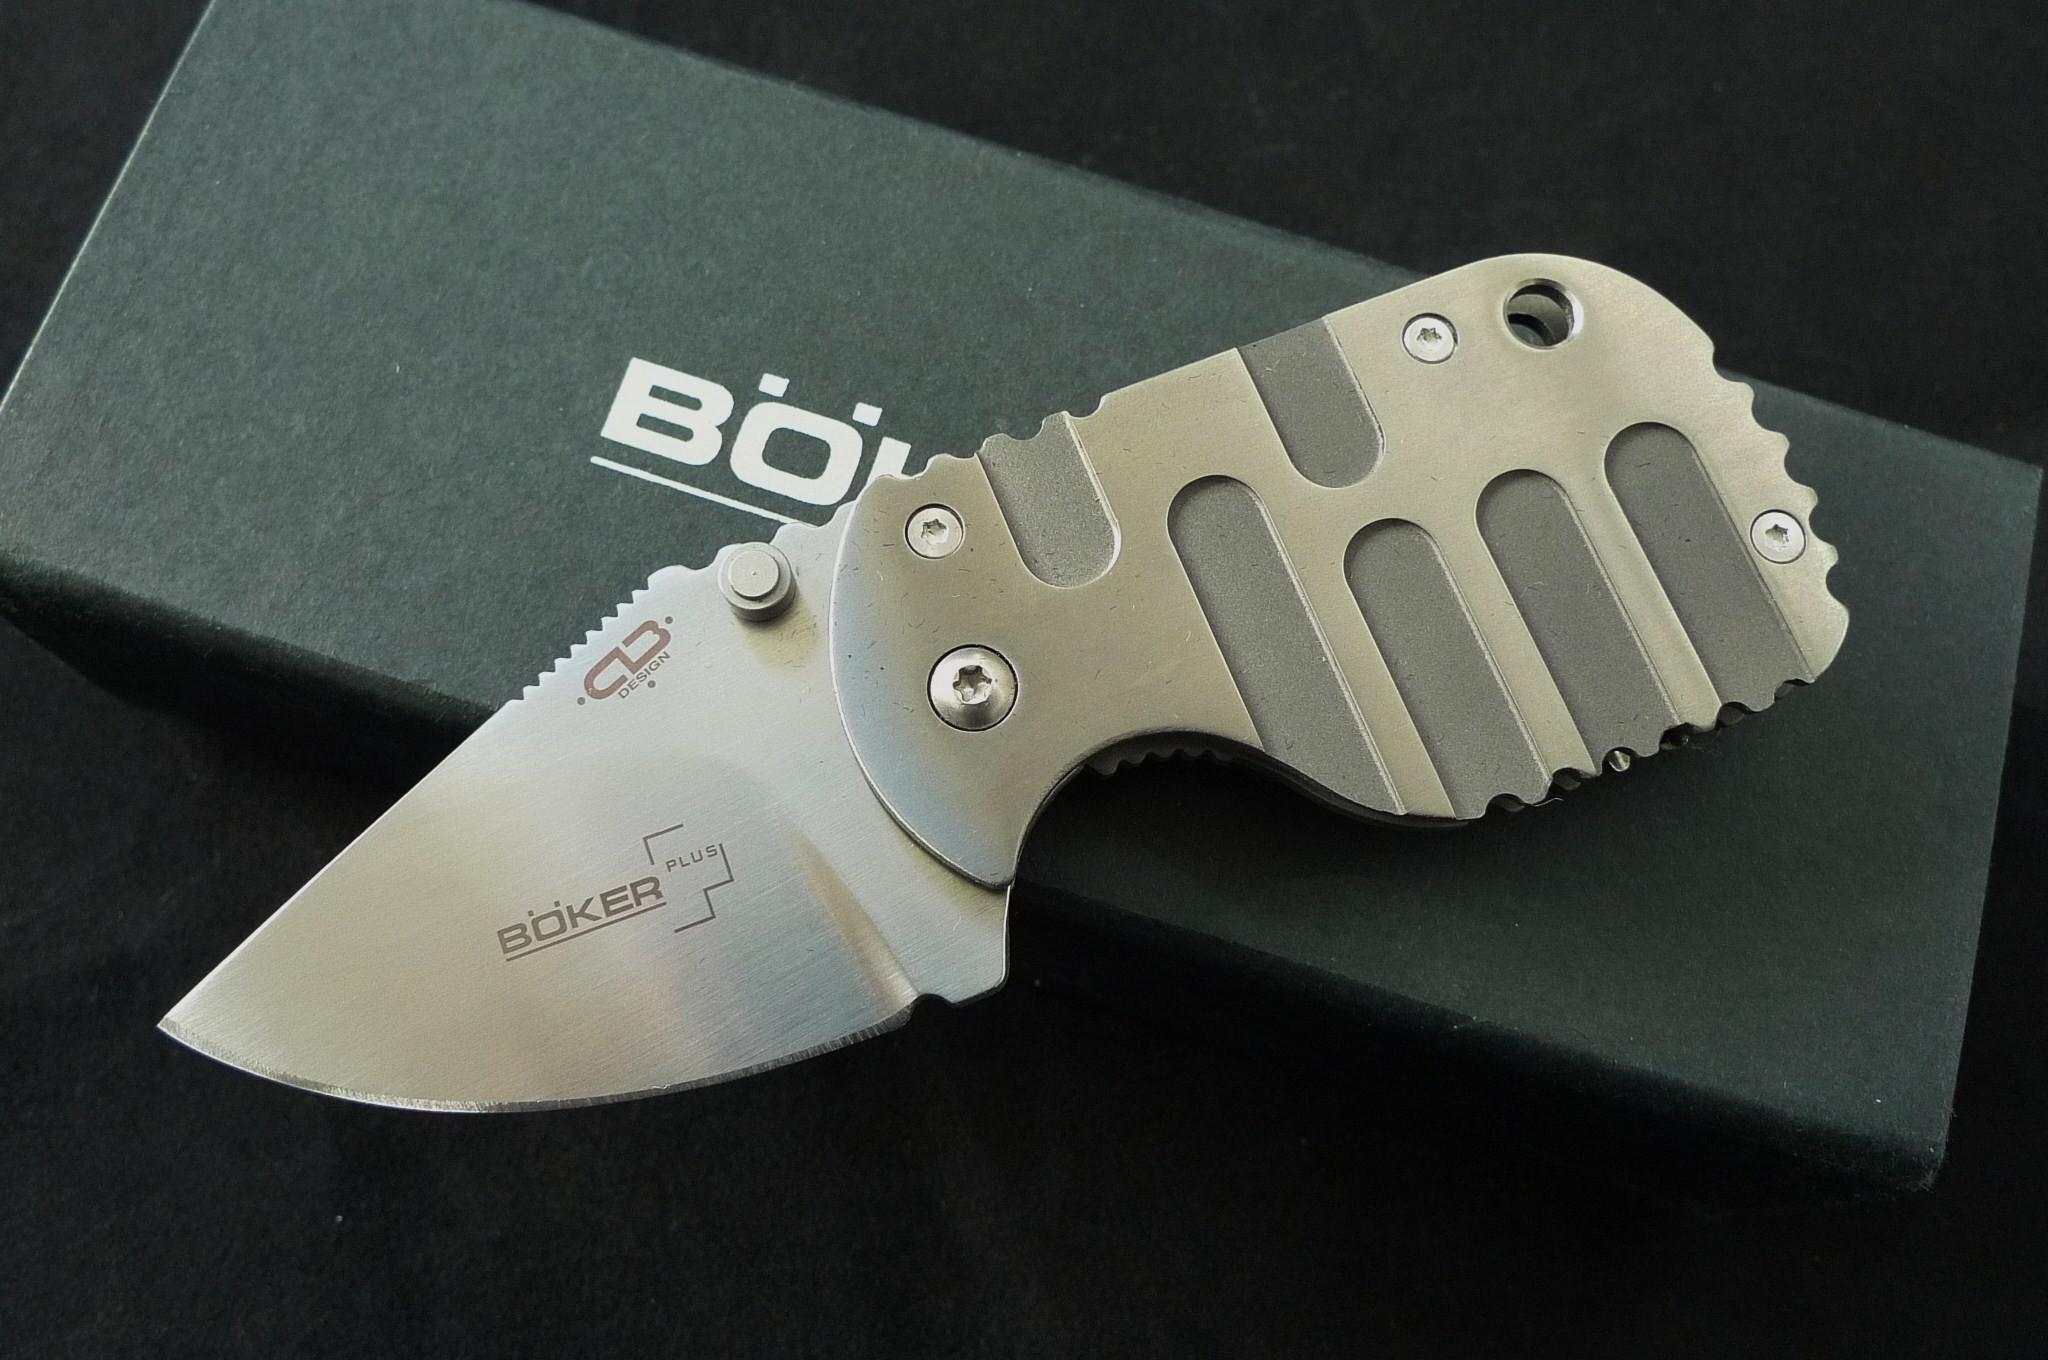 Boker Plus Subcom Titan – edc knife